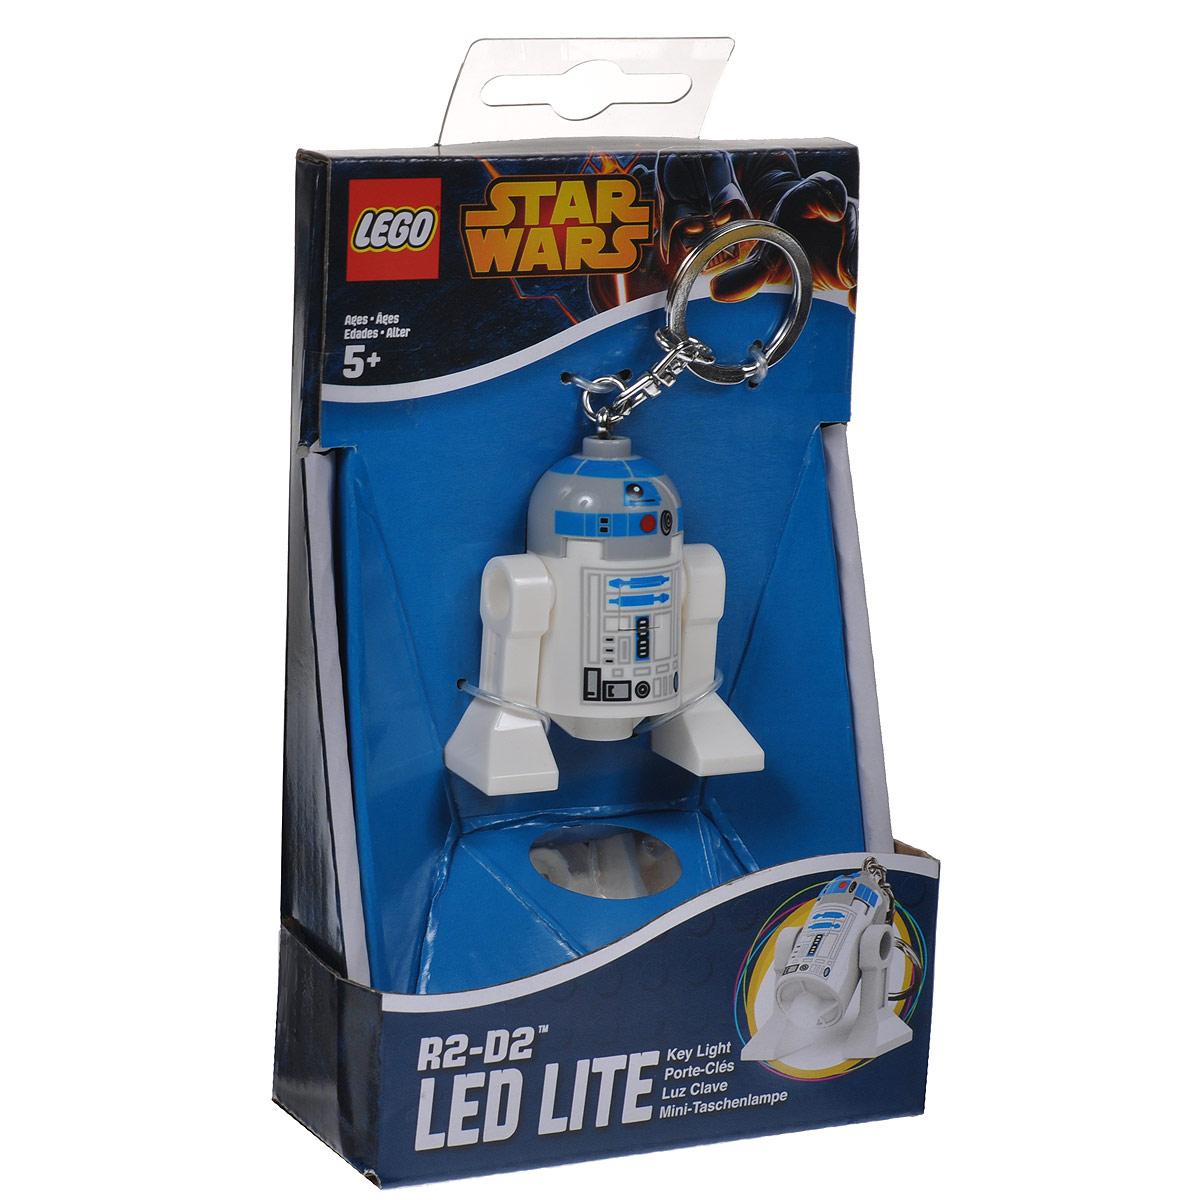 Брелок-фонарик для ключей Lego Звездные ВойныLGL-KE21Брелок Lego Звездные Войны станет отличным подарком для родственников, знакомых или коллег по работе. Его можно пристегнуть к рюкзаку, сумке или повесить на связку ключей. Брелок имеет функцию фонарика, с помощью которой вы сможете в ночное время суток заглянуть под капот машины, осветить себе путь во время поздних пеших прогулок, разглядеть в темном подъезде замочную скважину.